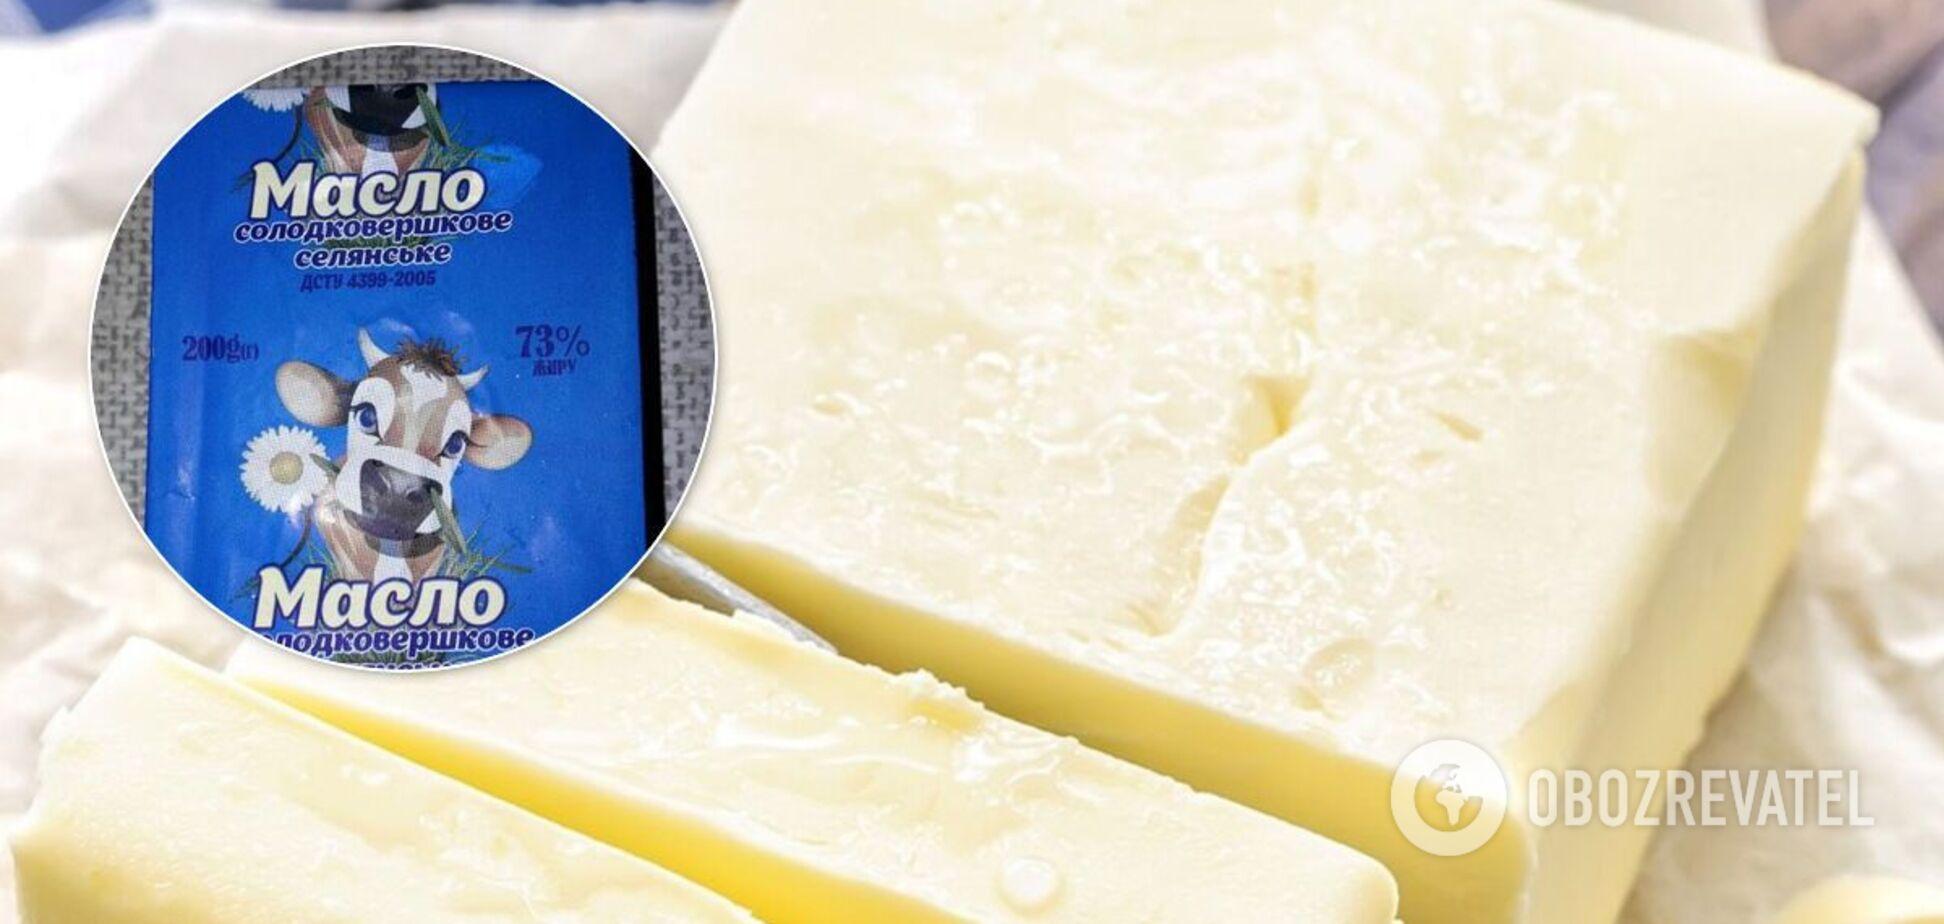 Фальсифікат масла роблять по всій Україні